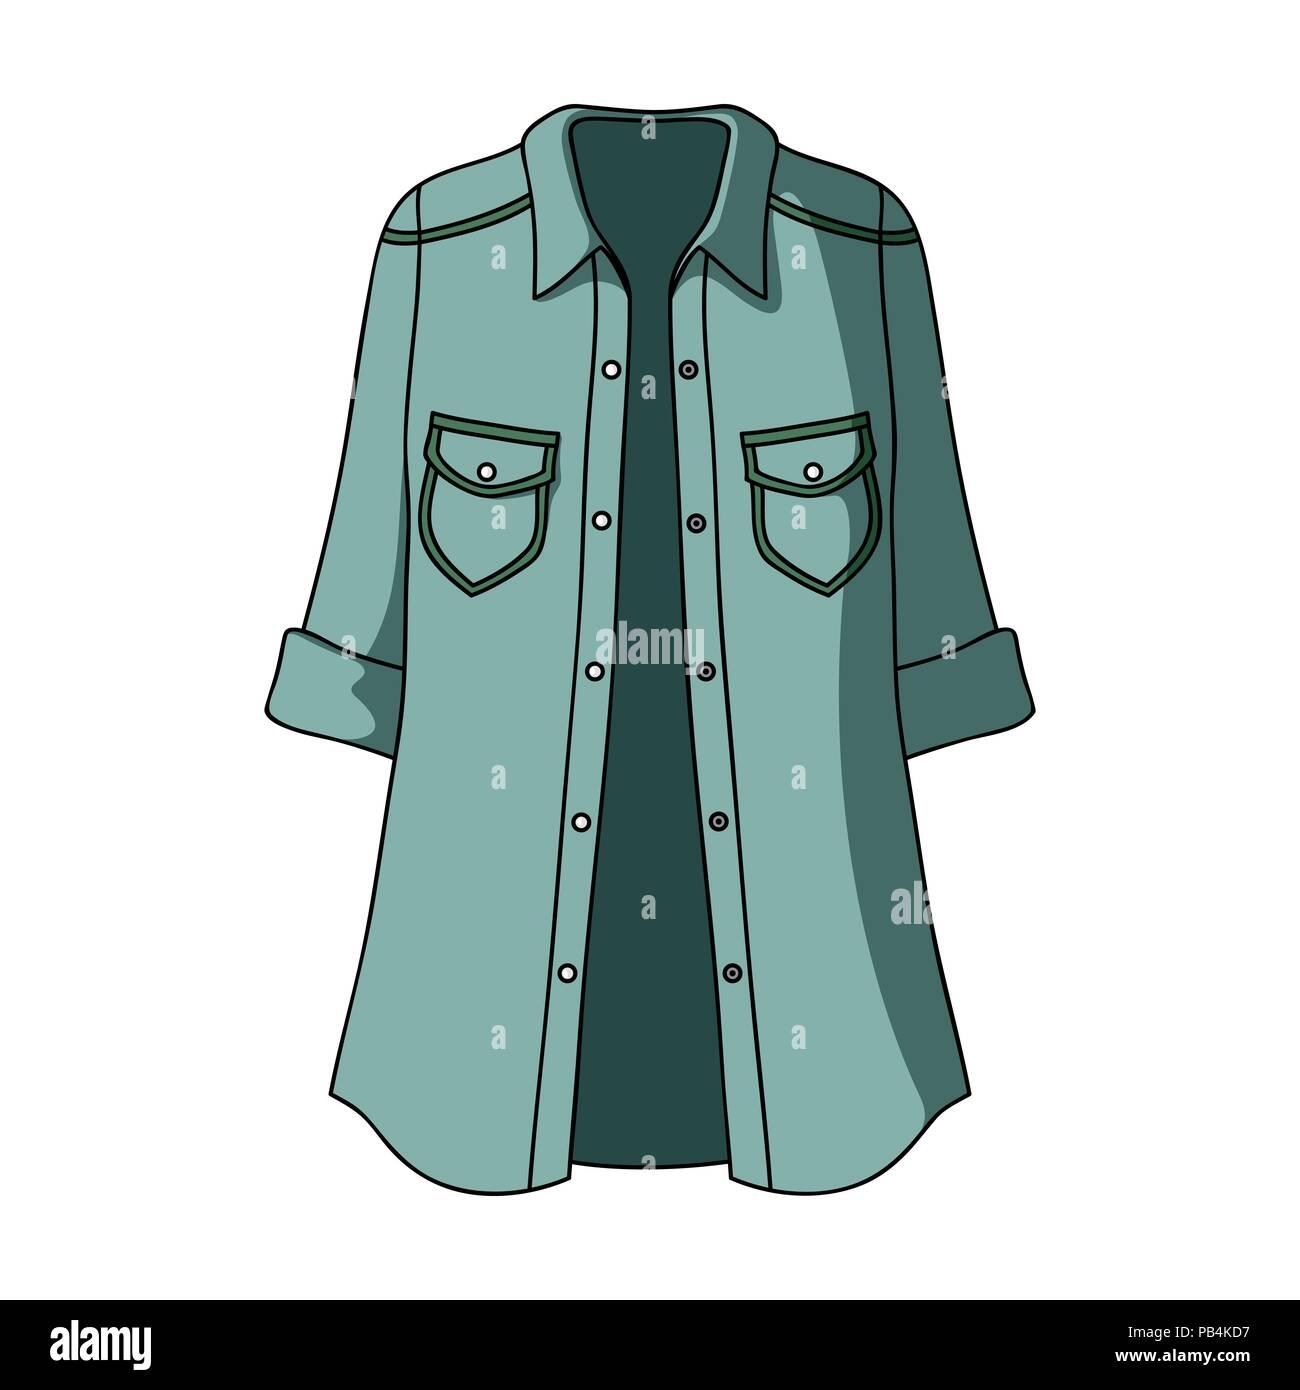 8631f4c96 La mujer chaqueta verde con botones y mangas cortas. Ropa casual para la  mujer elegante.Las mujeres vestido único icono en el estilo de dibujos  animados ...